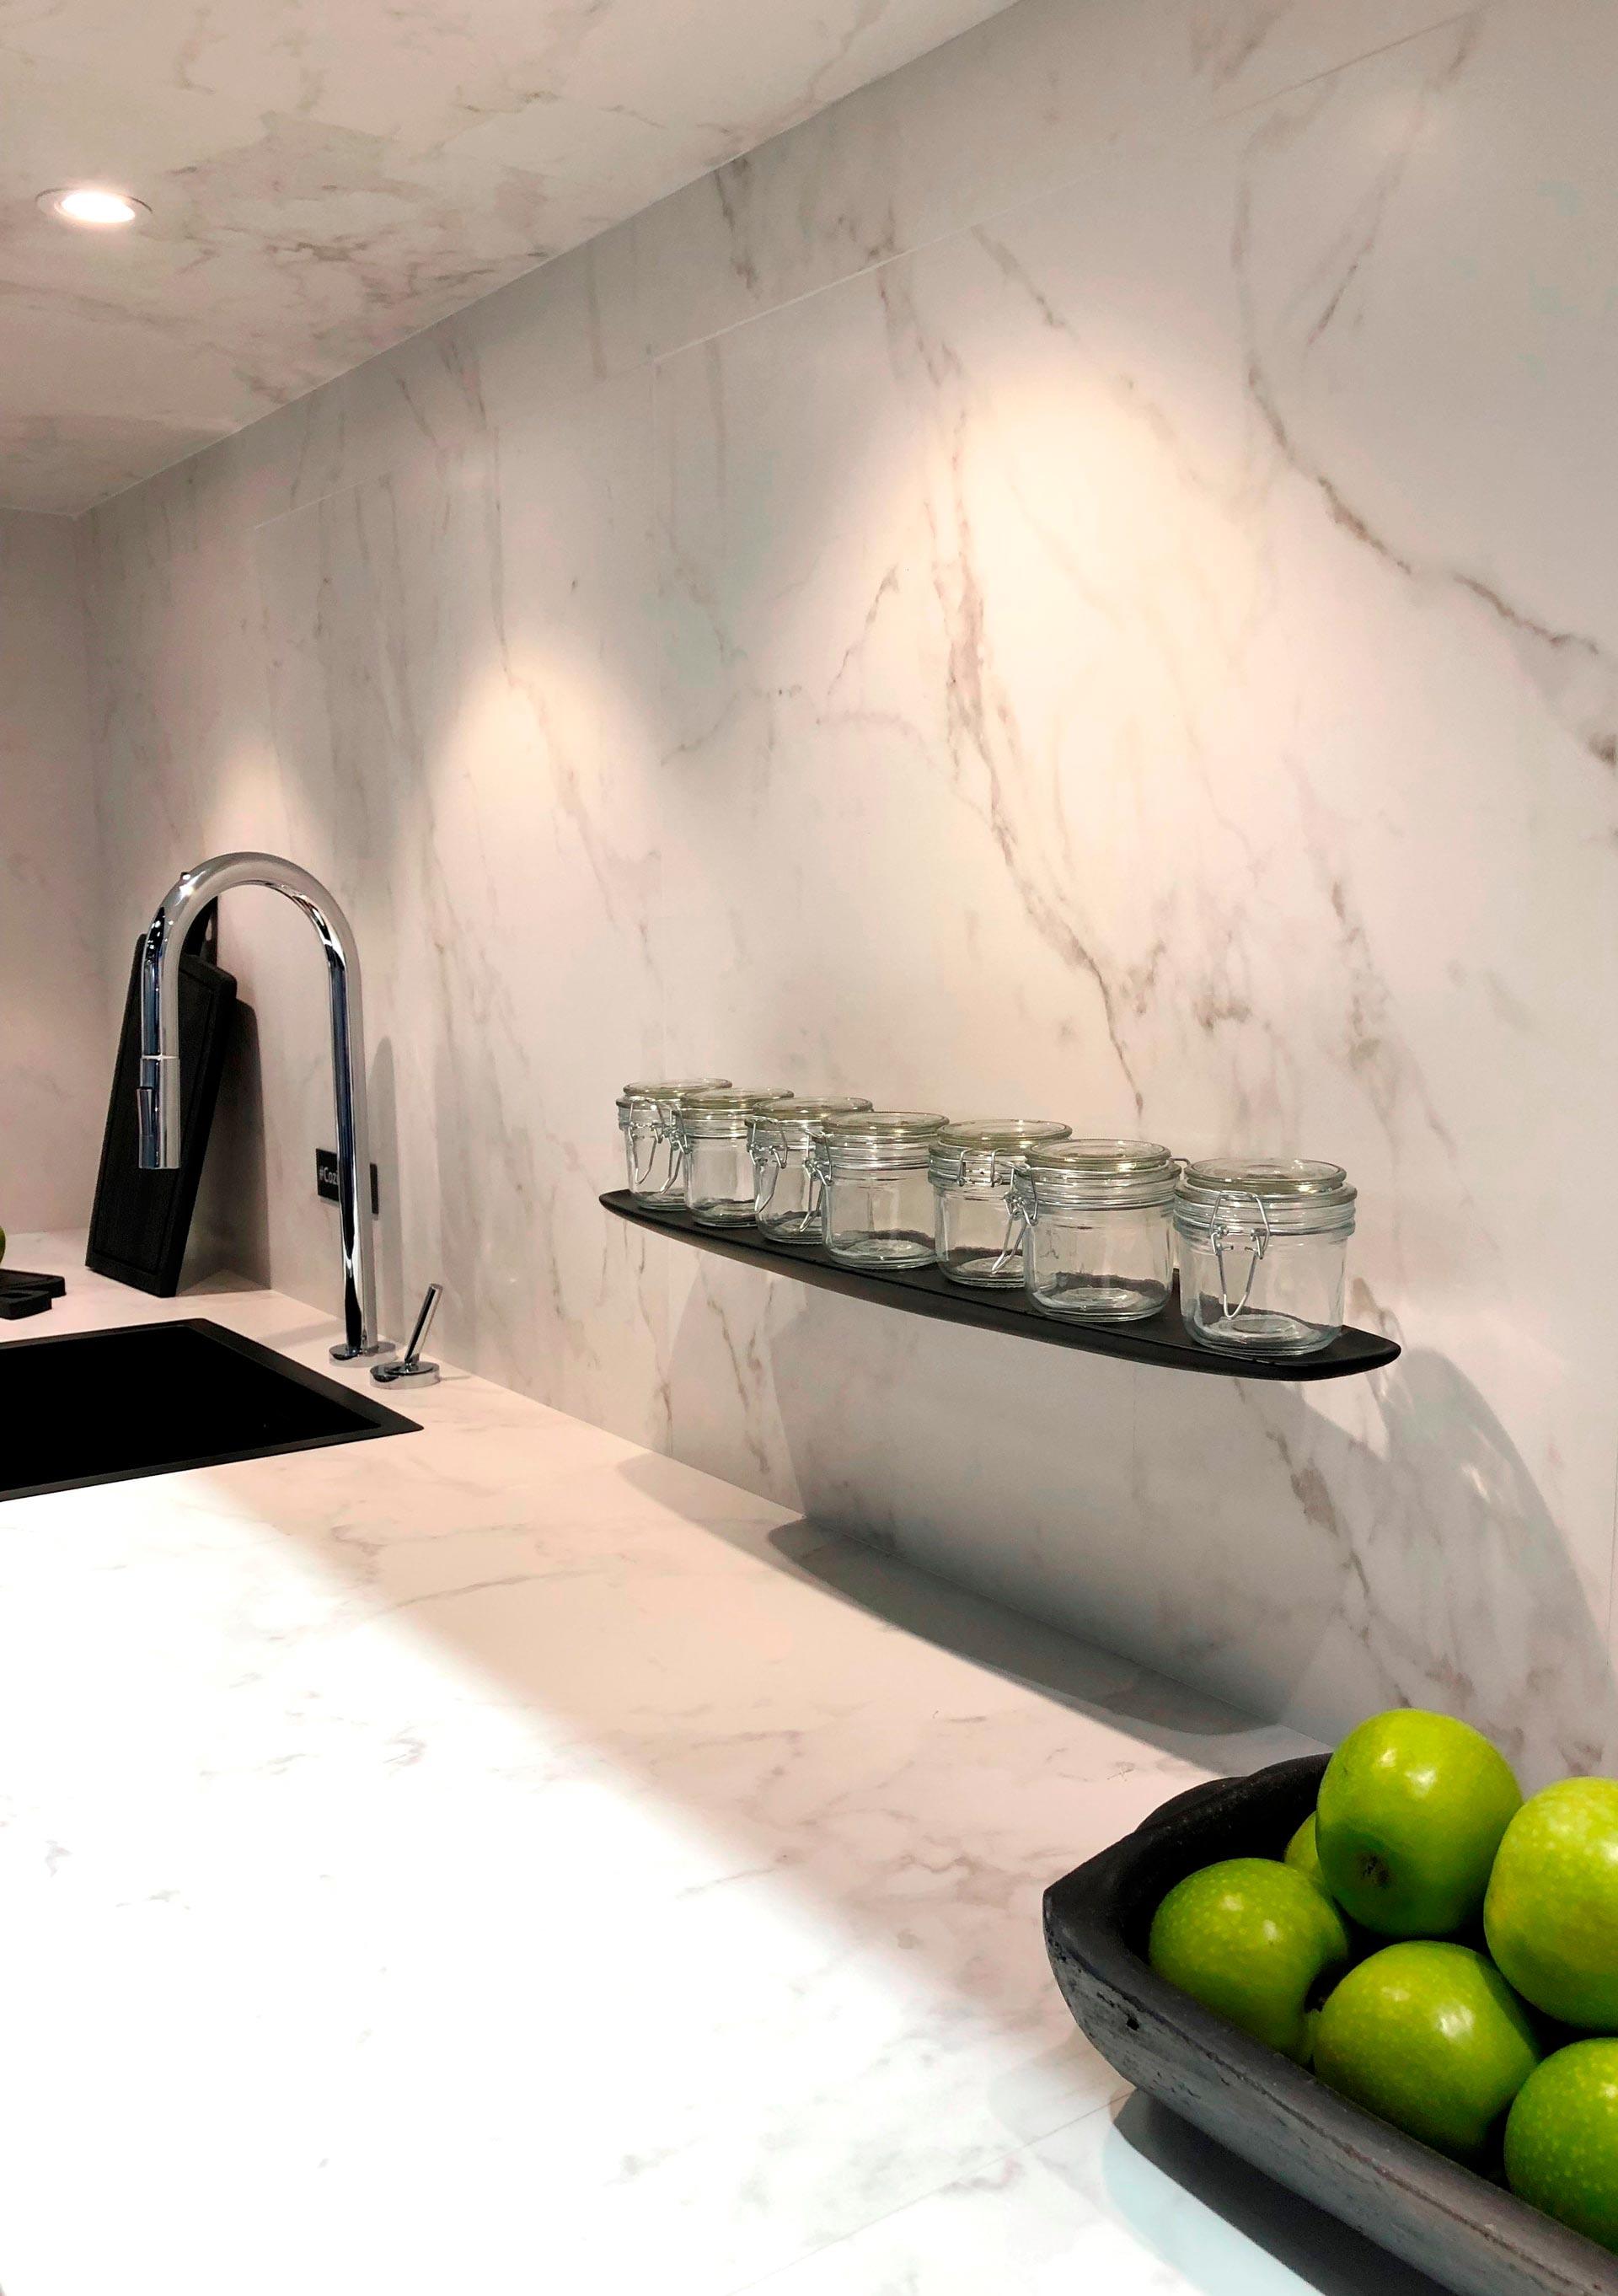 Imagem: No estande da Deca: uma cozinha minimalista e inteira marmorizada - bancada e revestimento da parede. Foto: Arquiteca Projetos.